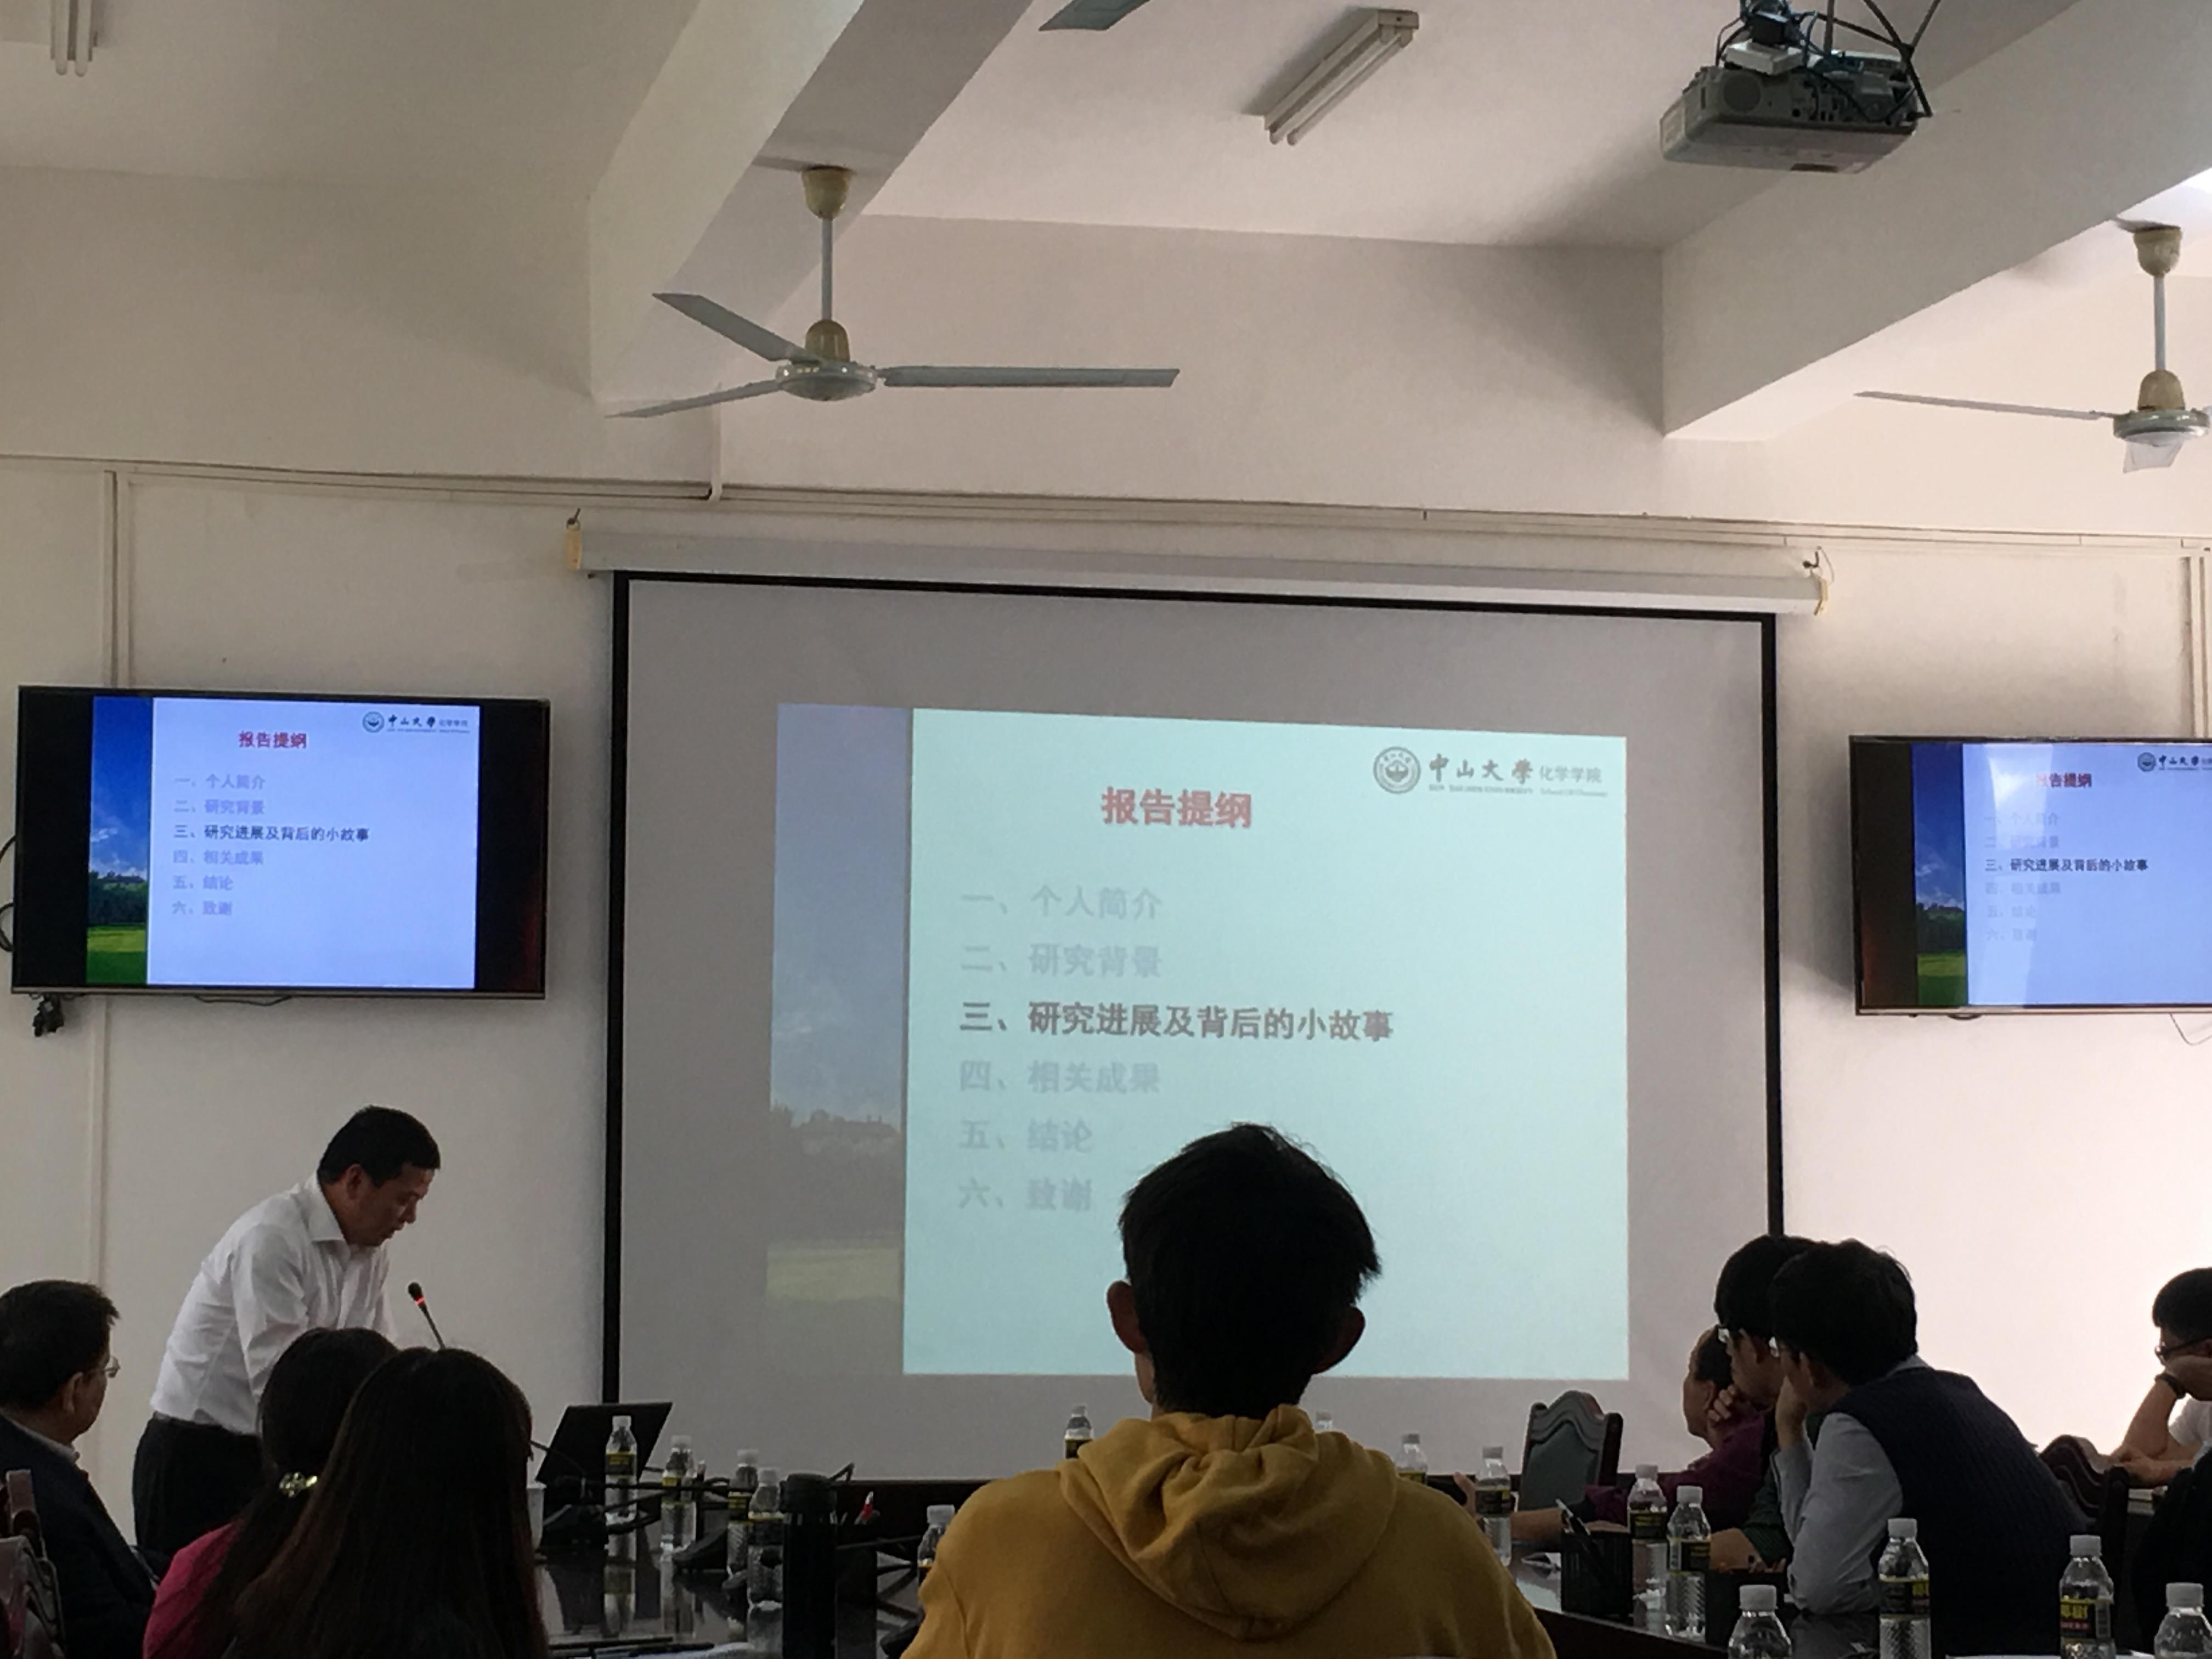 我院特邀中山大学池振国教授作学术交流